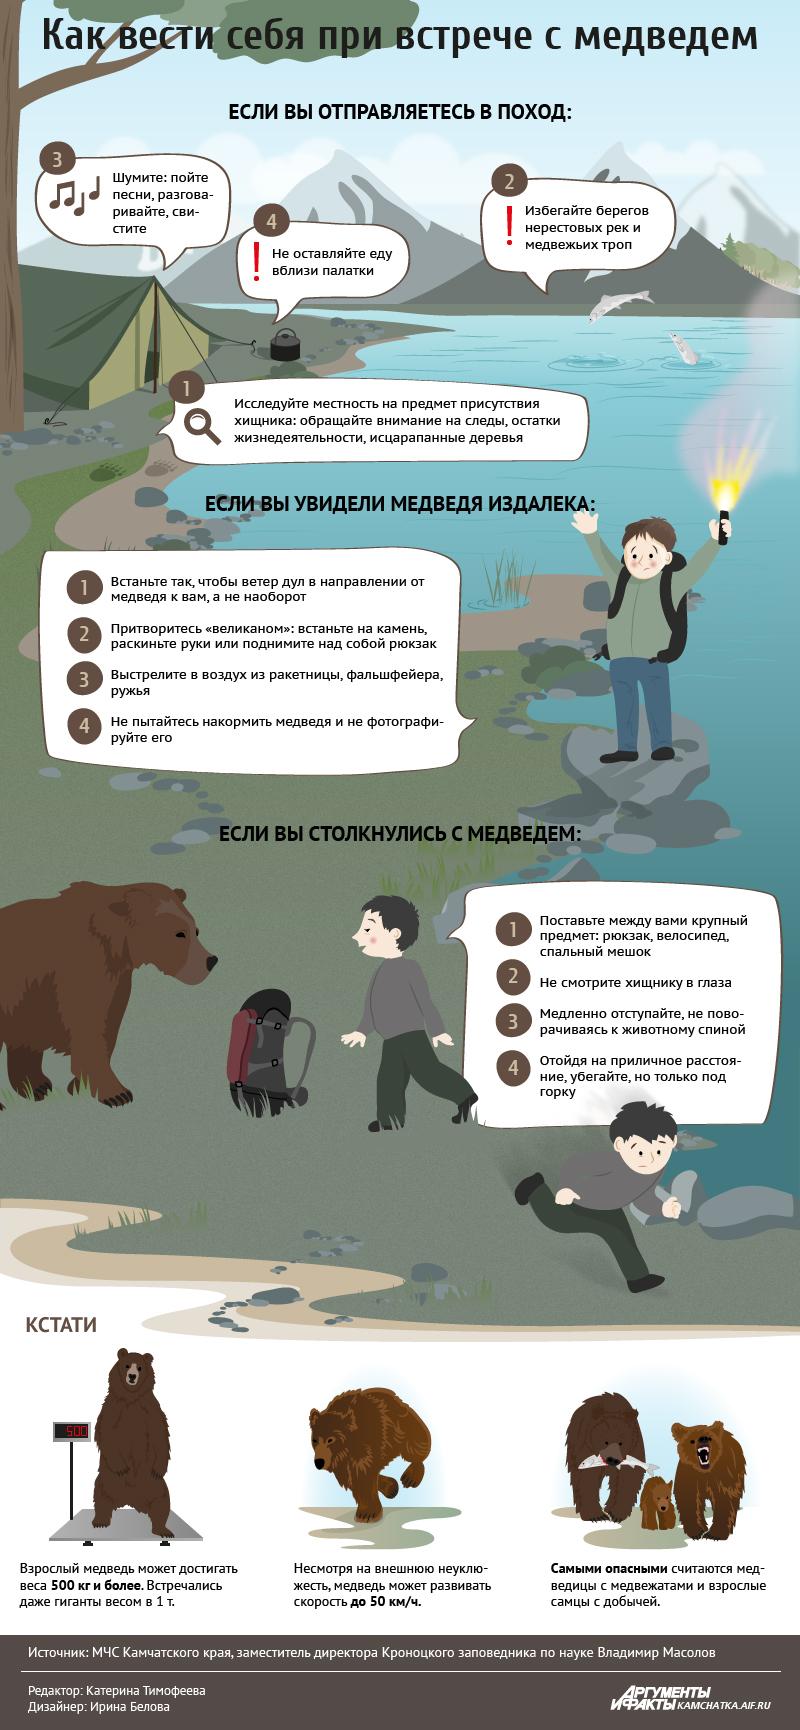 как вести себя при встрече с медведем инфографика